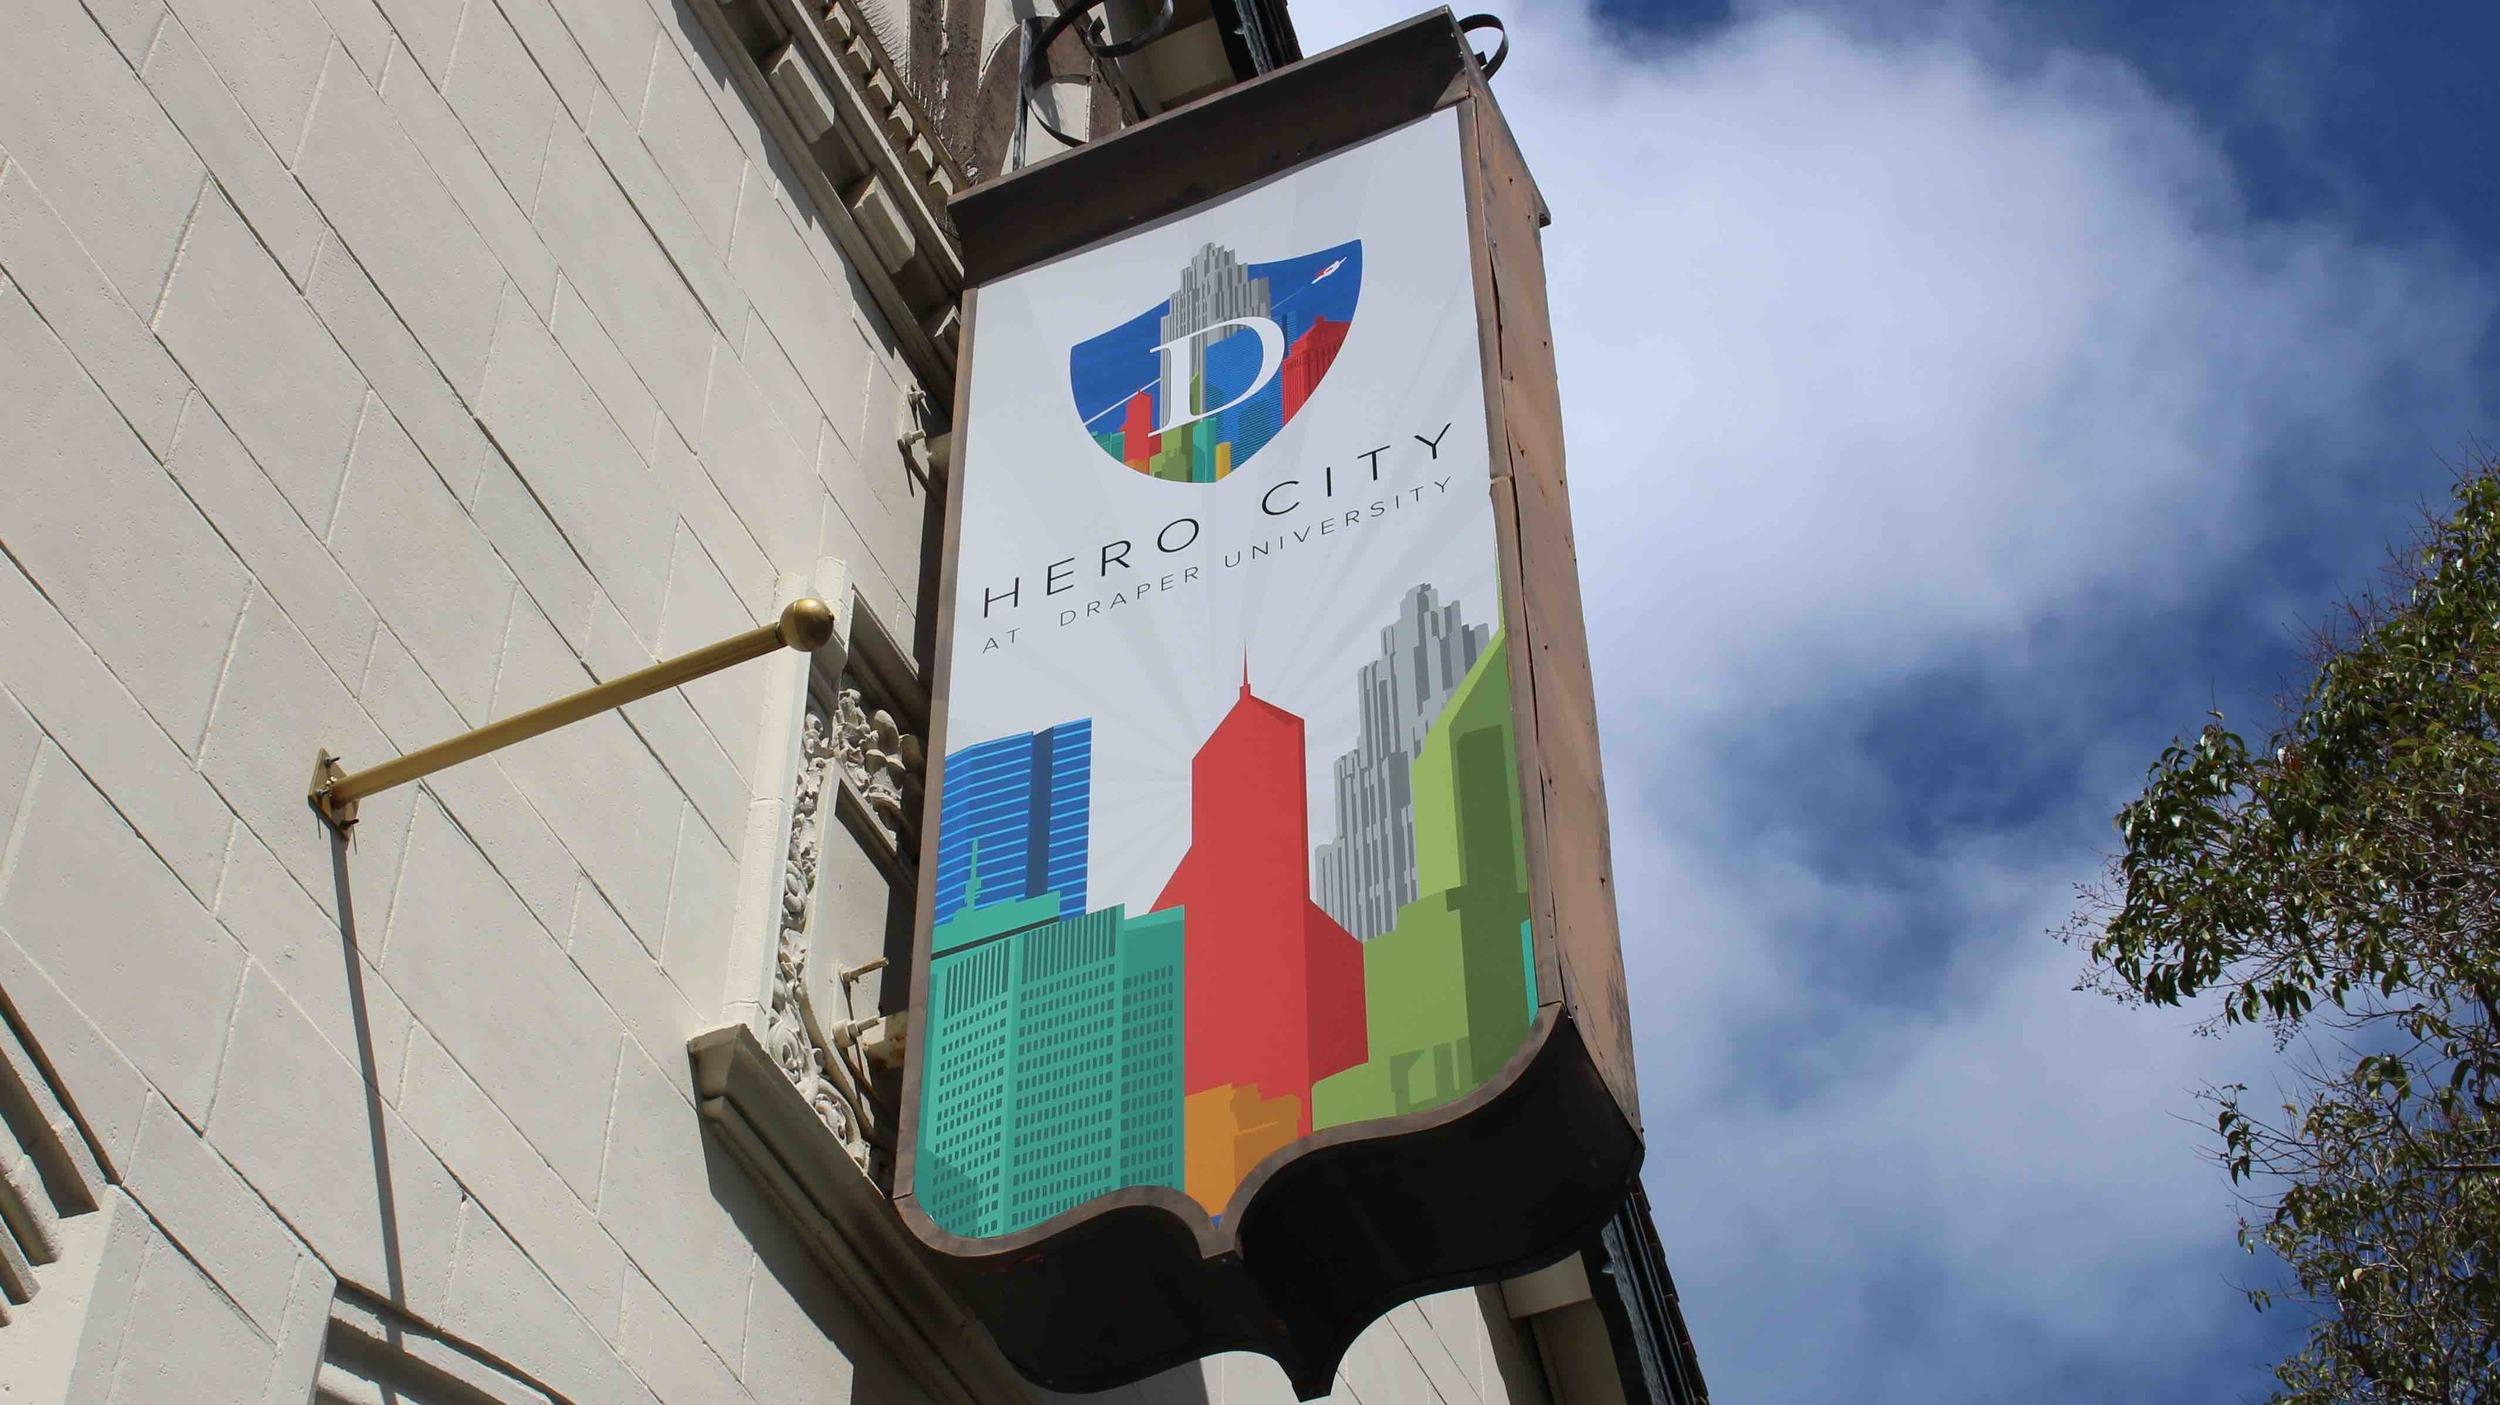 Hero-City